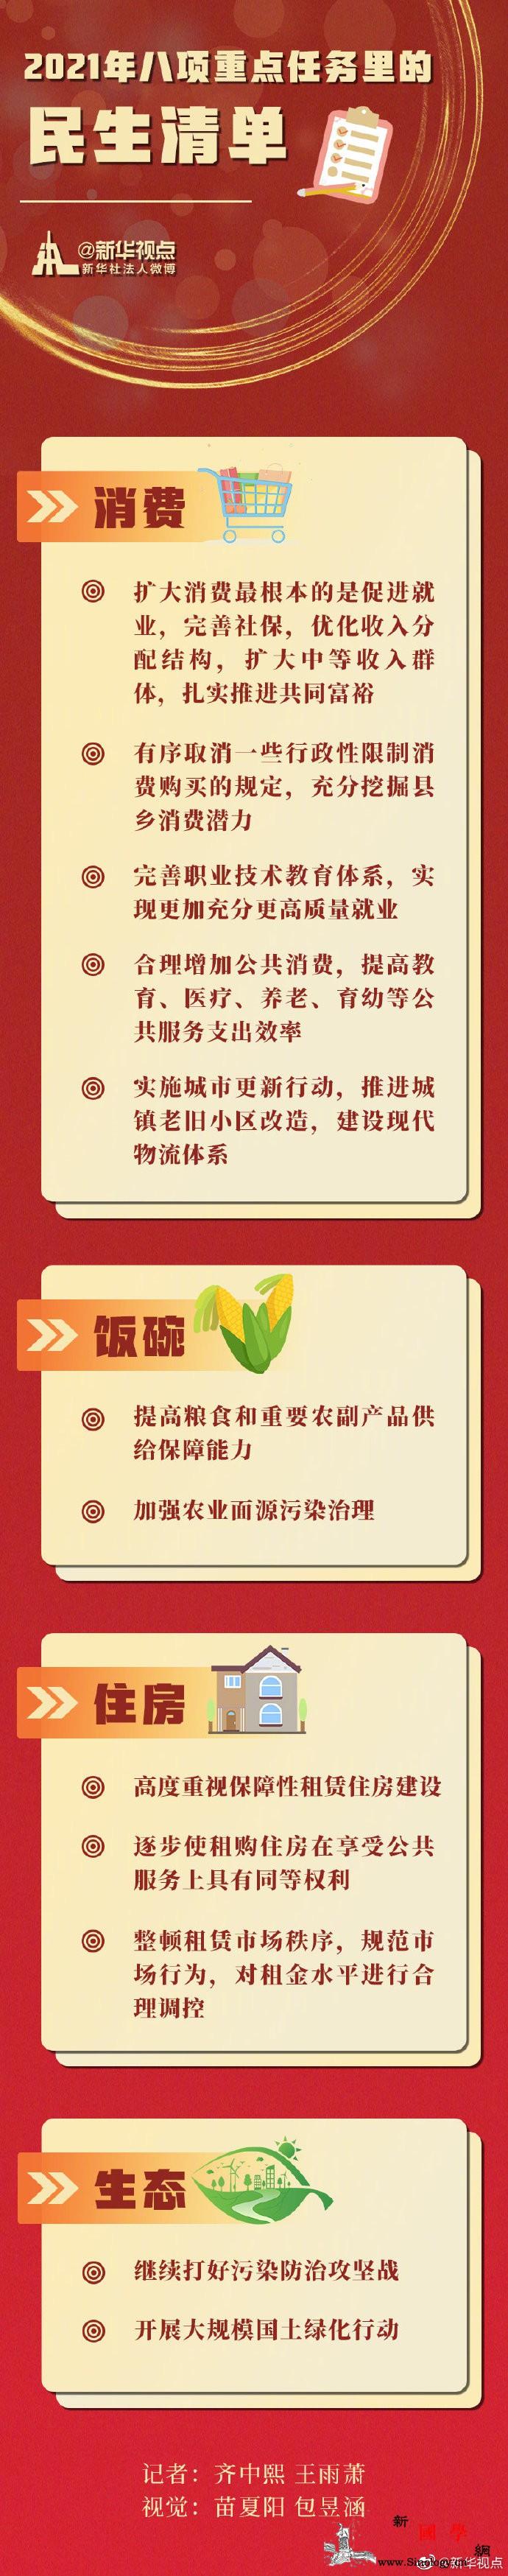 2021民生清单_菁菁-经济工作-篇幅-